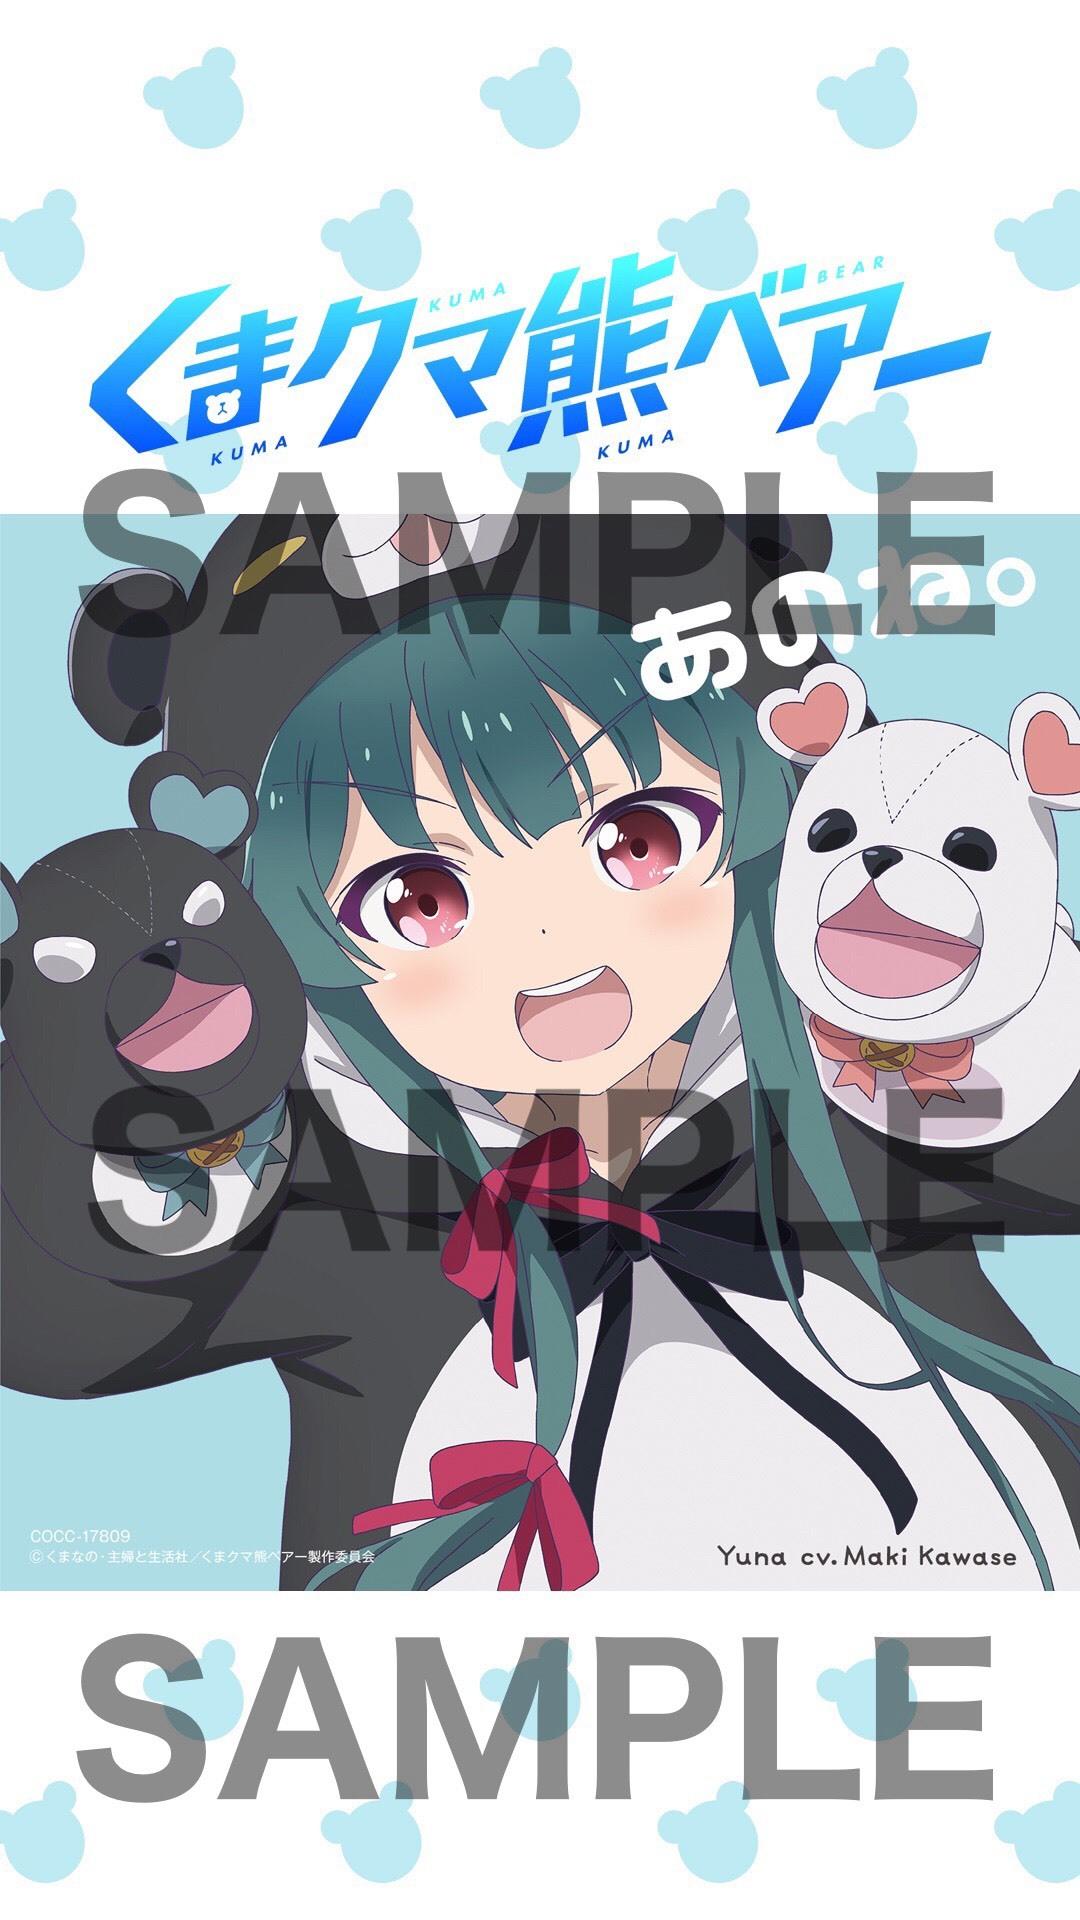 アニメロミックス用壁紙sample (C) くまなの・主婦と生活社/くまクマ熊ベアー製作委員会